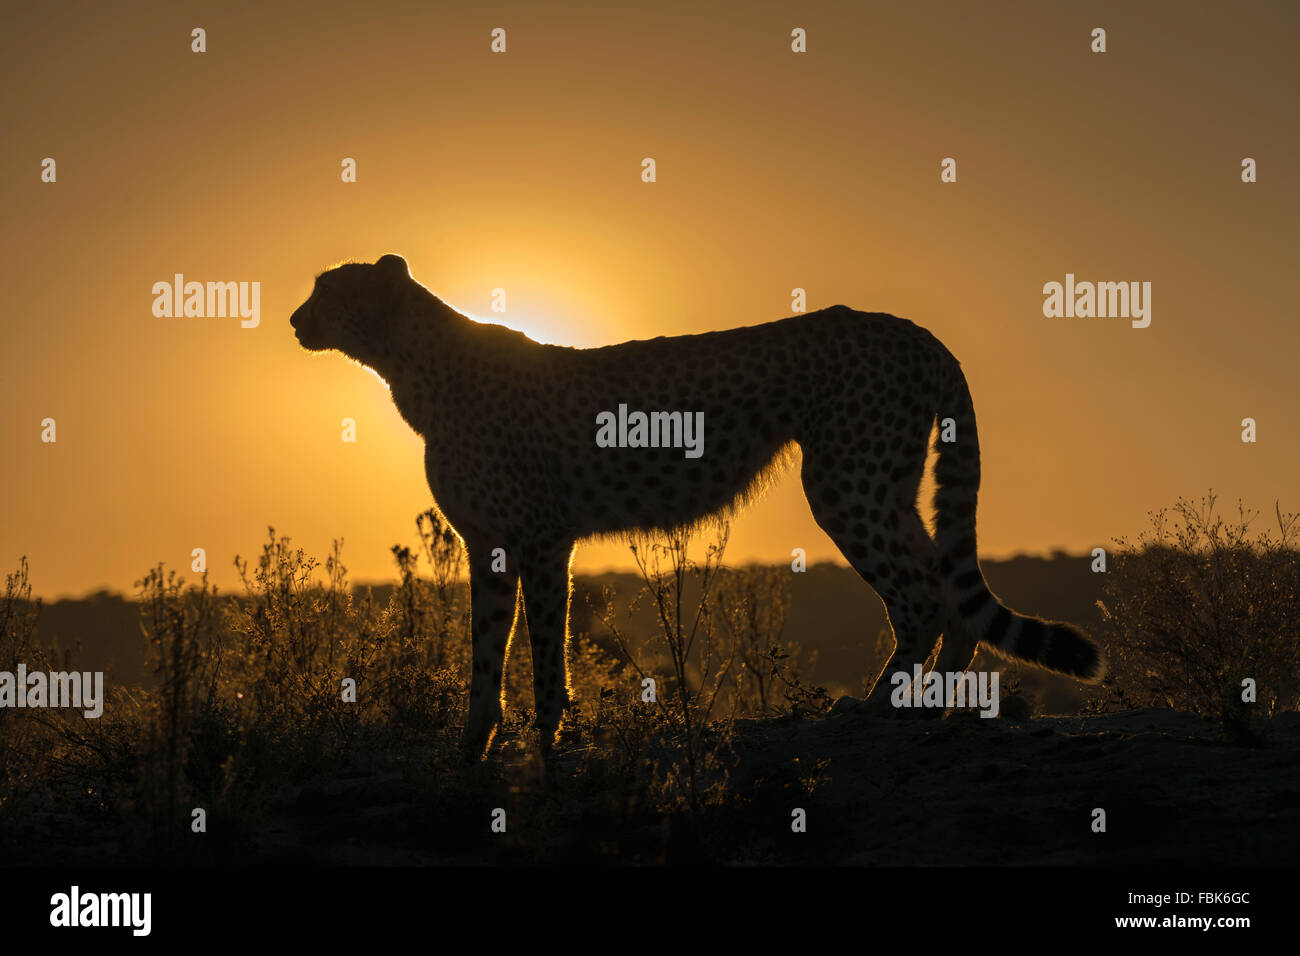 Cheetah siluetas al atardecer, Naankuse, Namibia Imagen De Stock